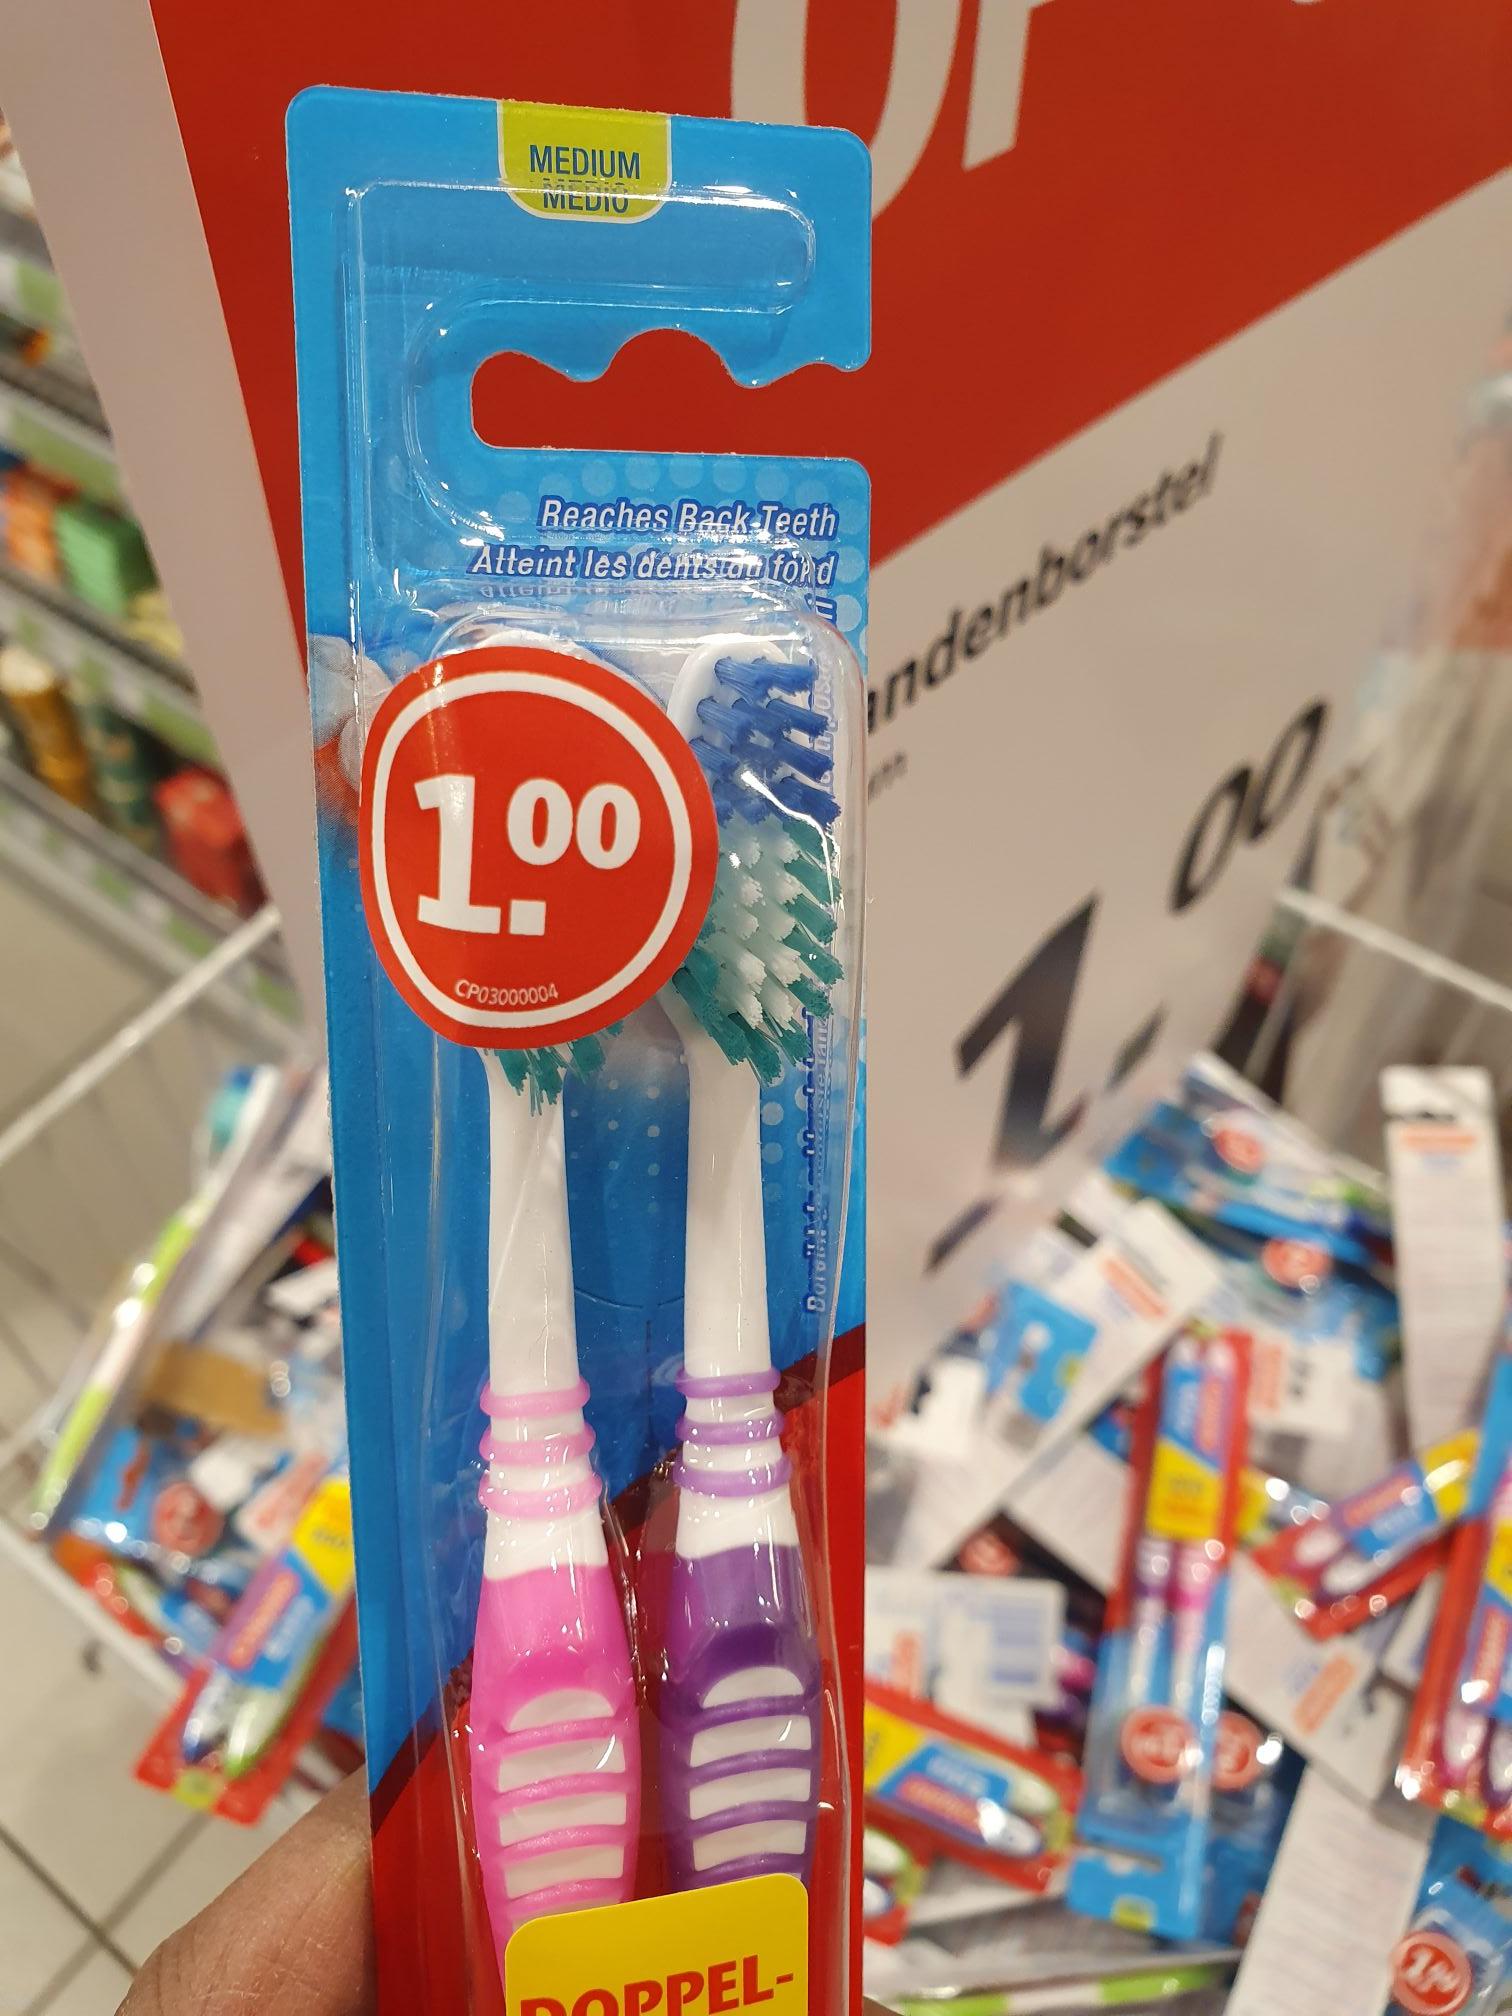 Lokale aanbieding: Duopack Colgate tandenborstel 1€ @ Albert Heijn Koningin Julianabaan Voorburg